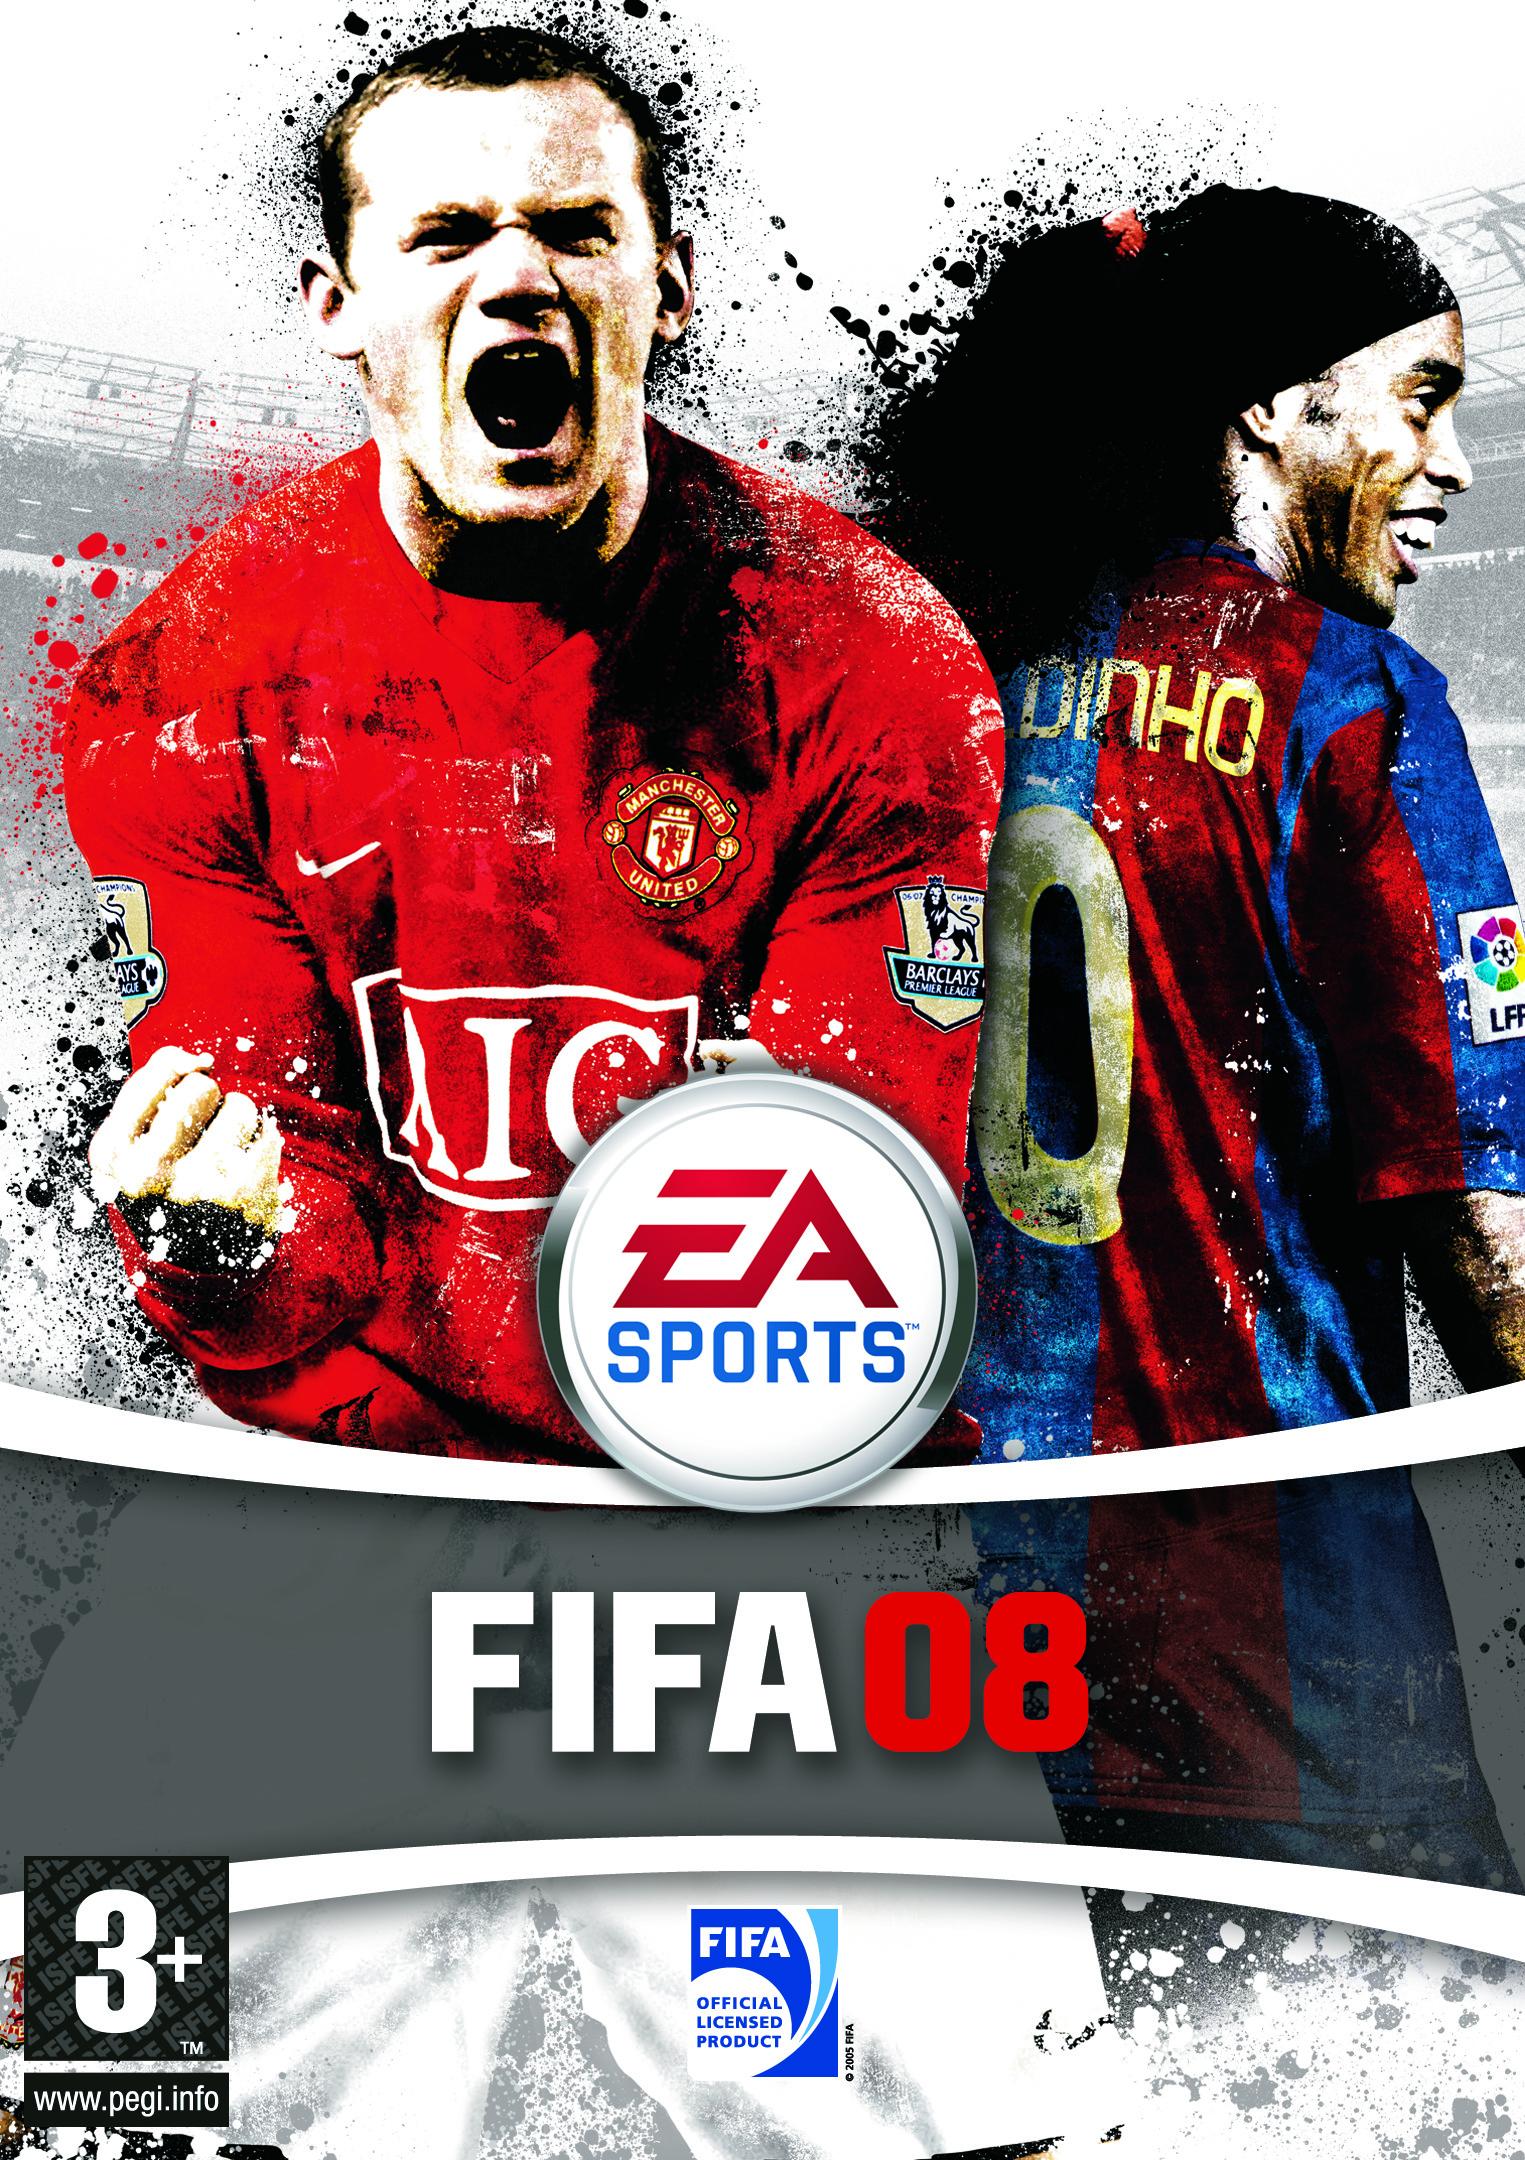 FIFA 08 Cover